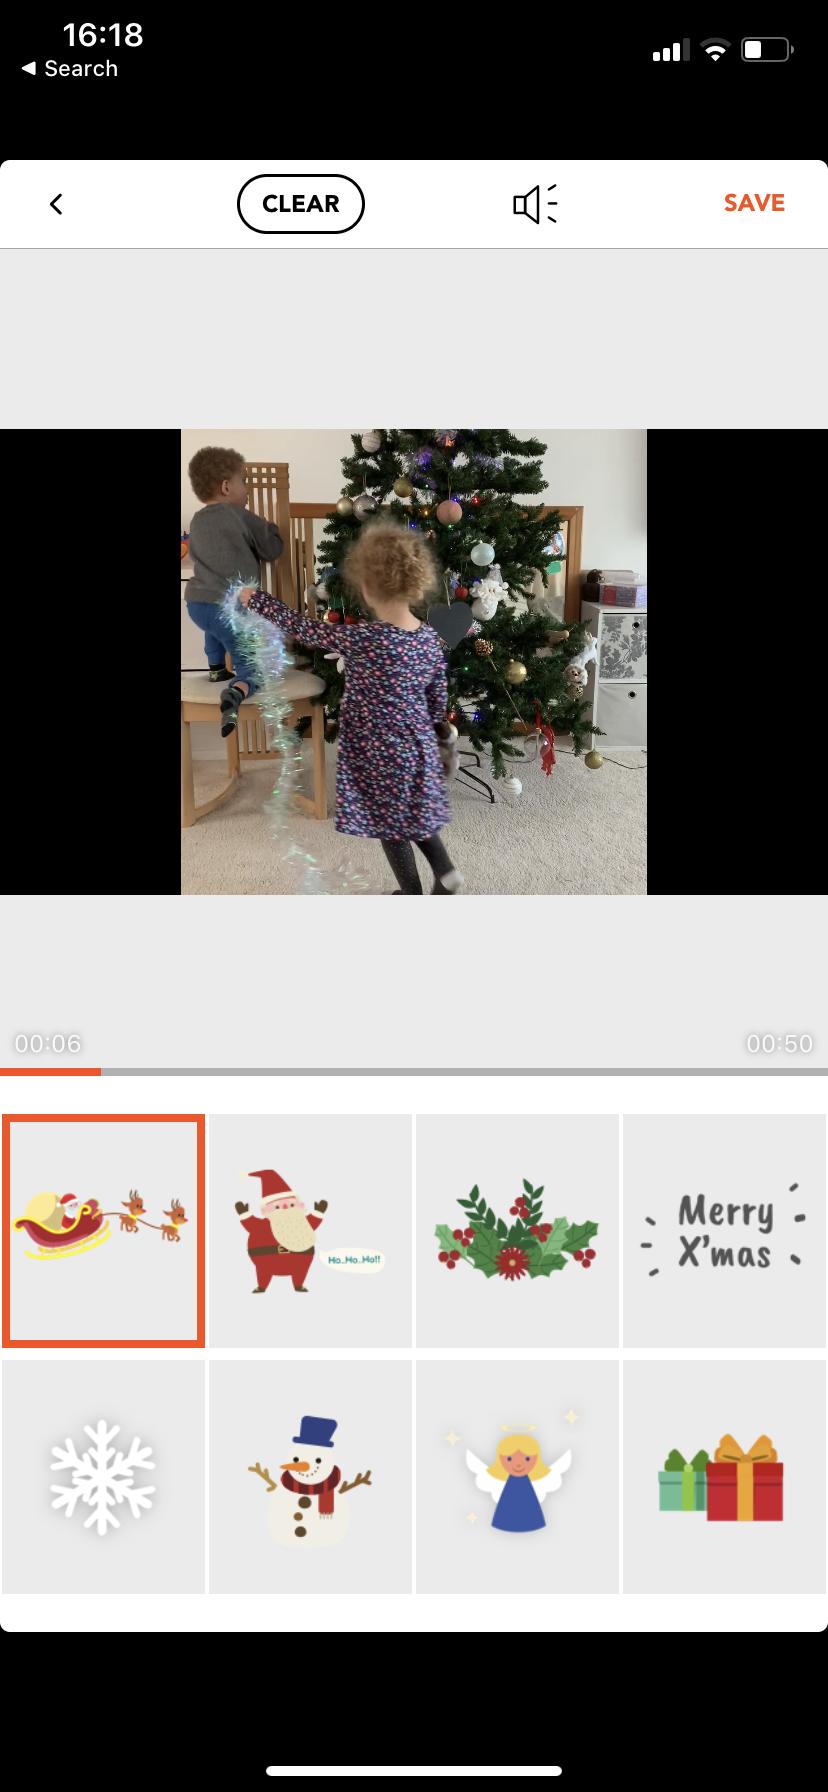 Agrega efectos navideños al video